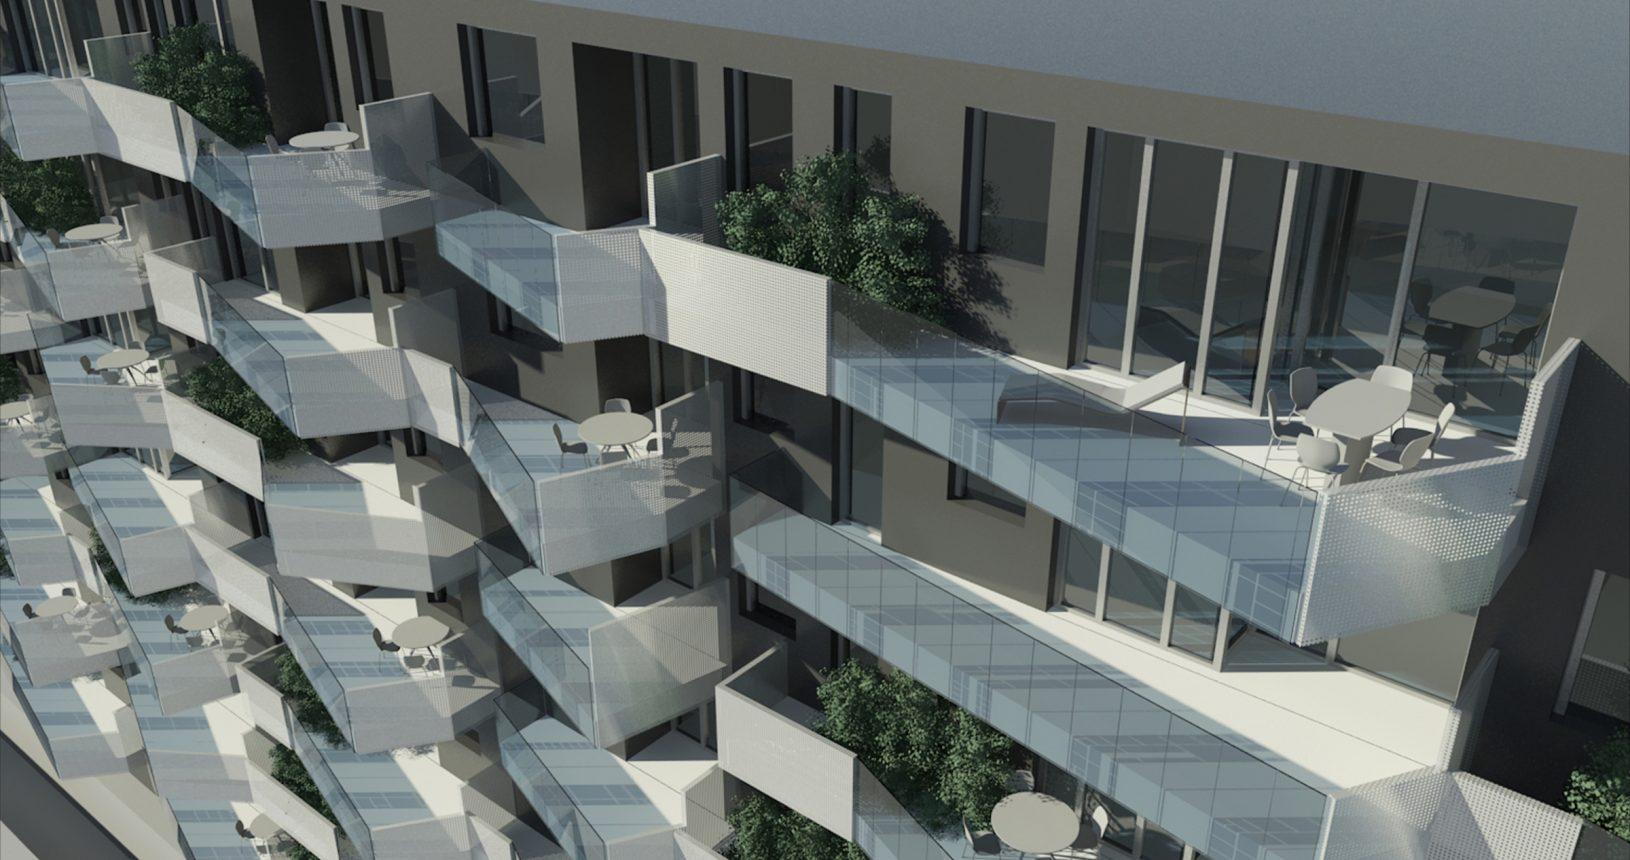 La tua casa nel parco - Great Campus - Erzelli - Genova